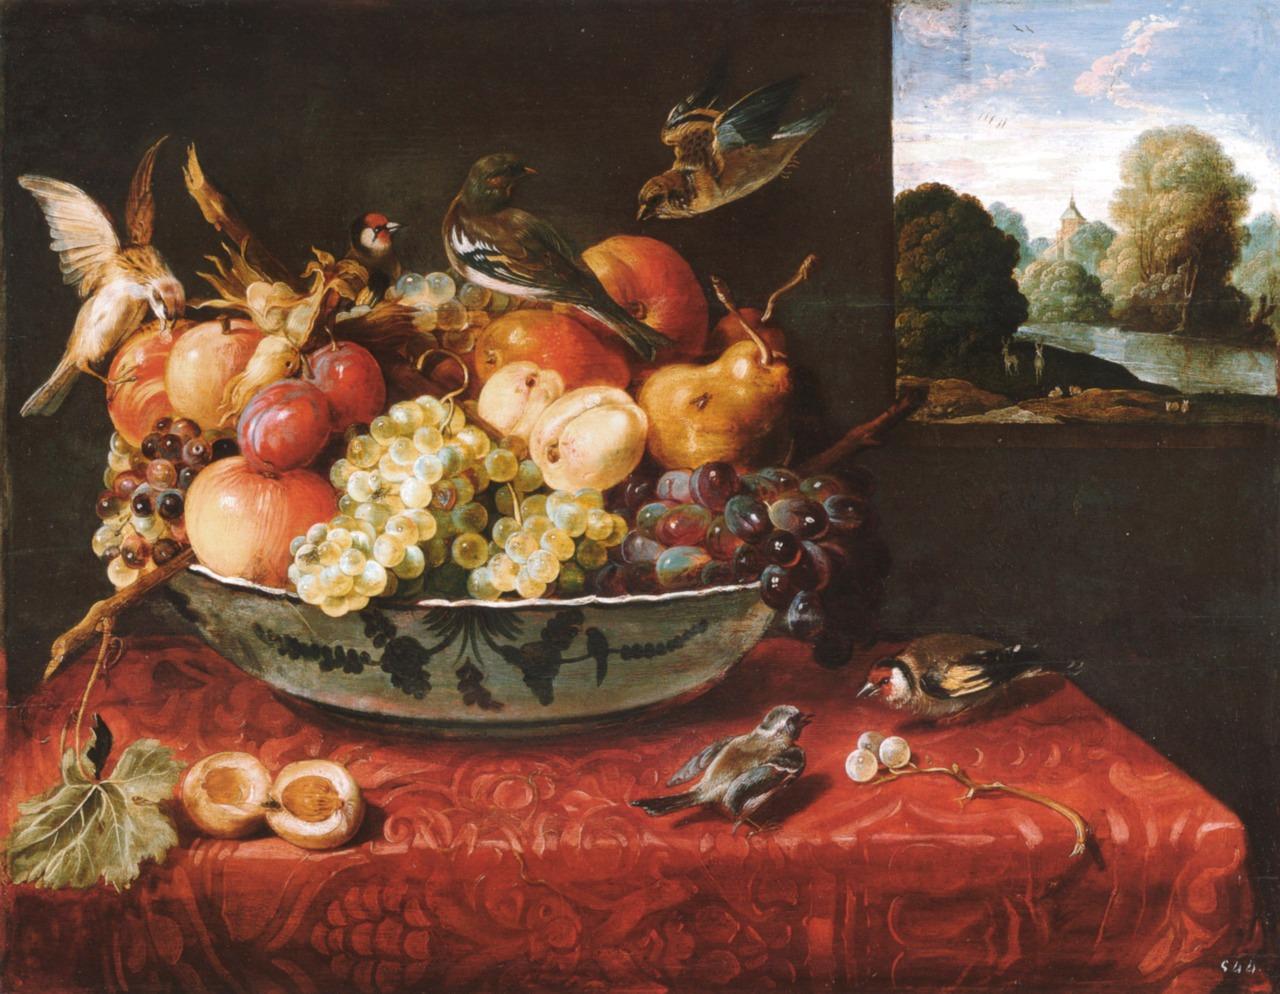 Van der Hamen 1621 Nature morte avec fruits et oiseaux Escorial Madrid 56 x 74